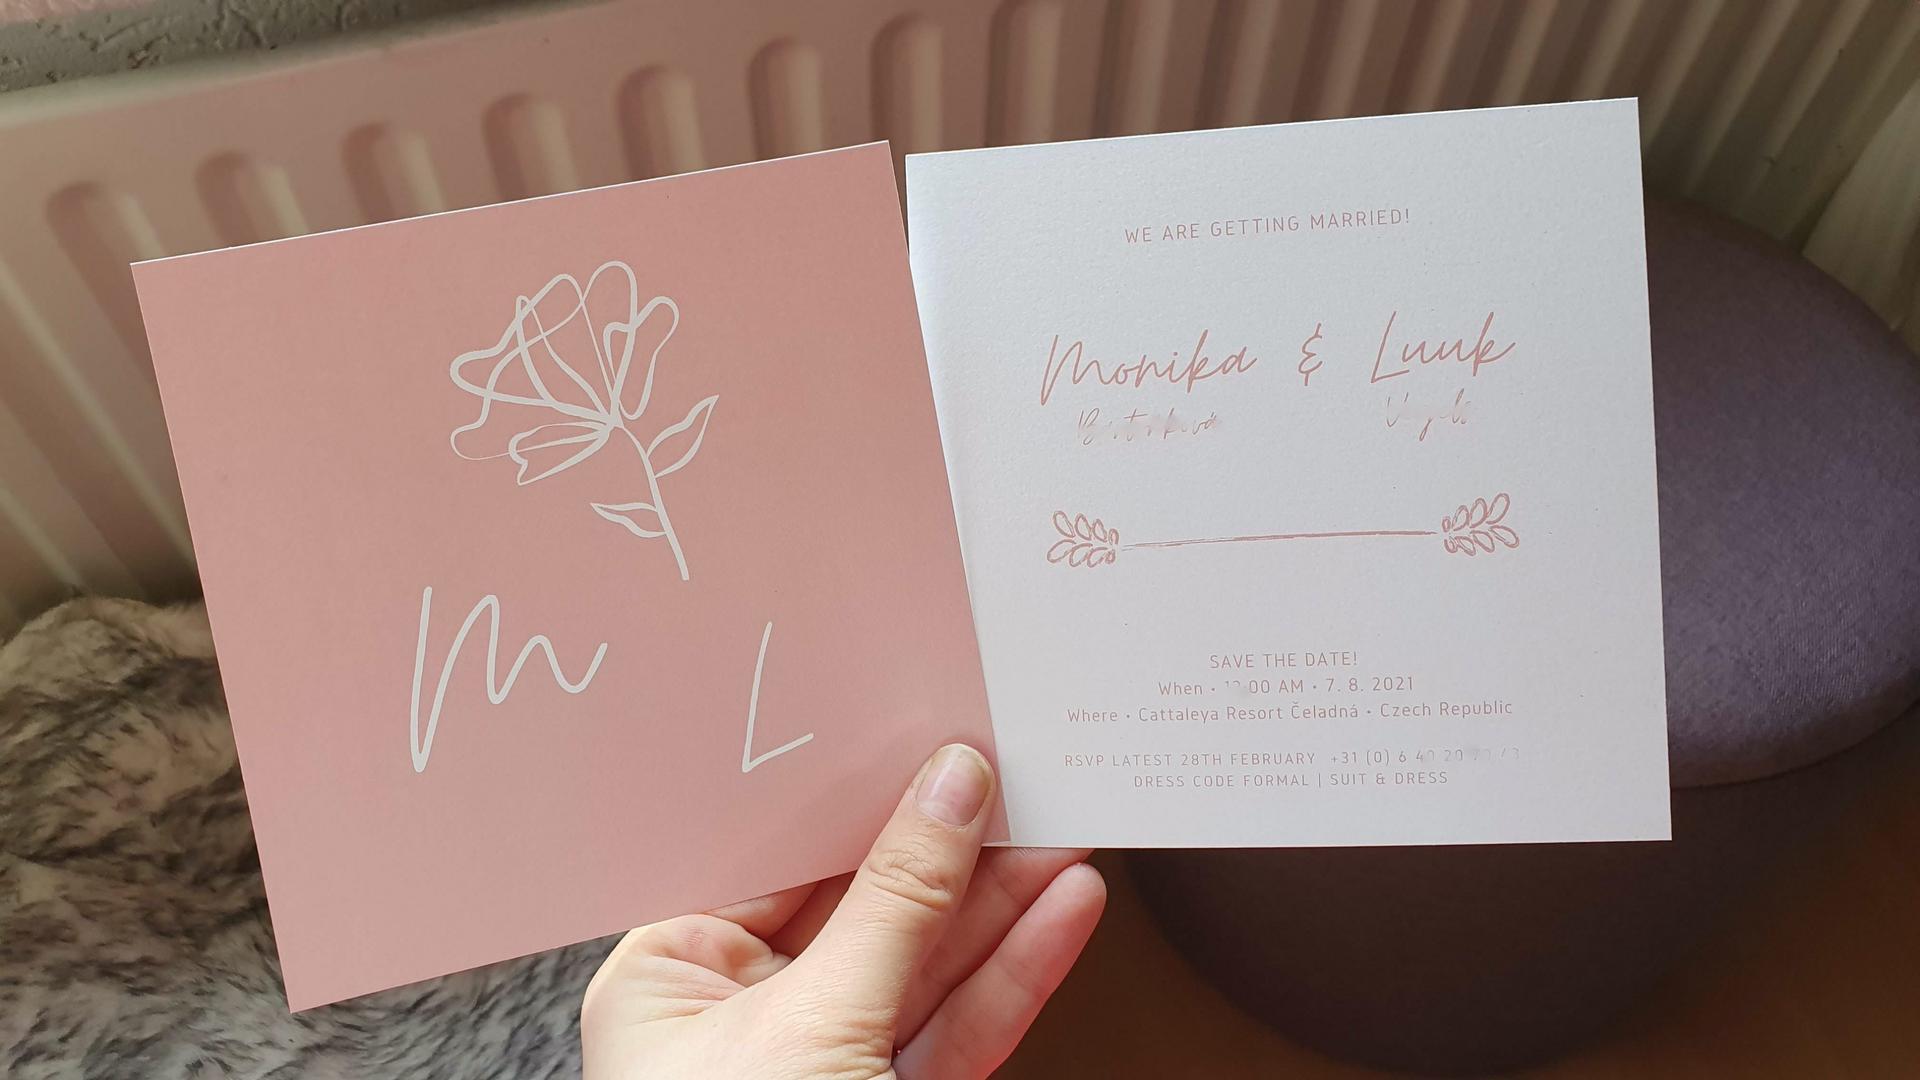 Co už máme nachystáno - Pozvánky.. naše srdcovka, snoubenec je grafický designer, takže jsme si pozvánky mohli udělat sami podle našeho vkusu 💖